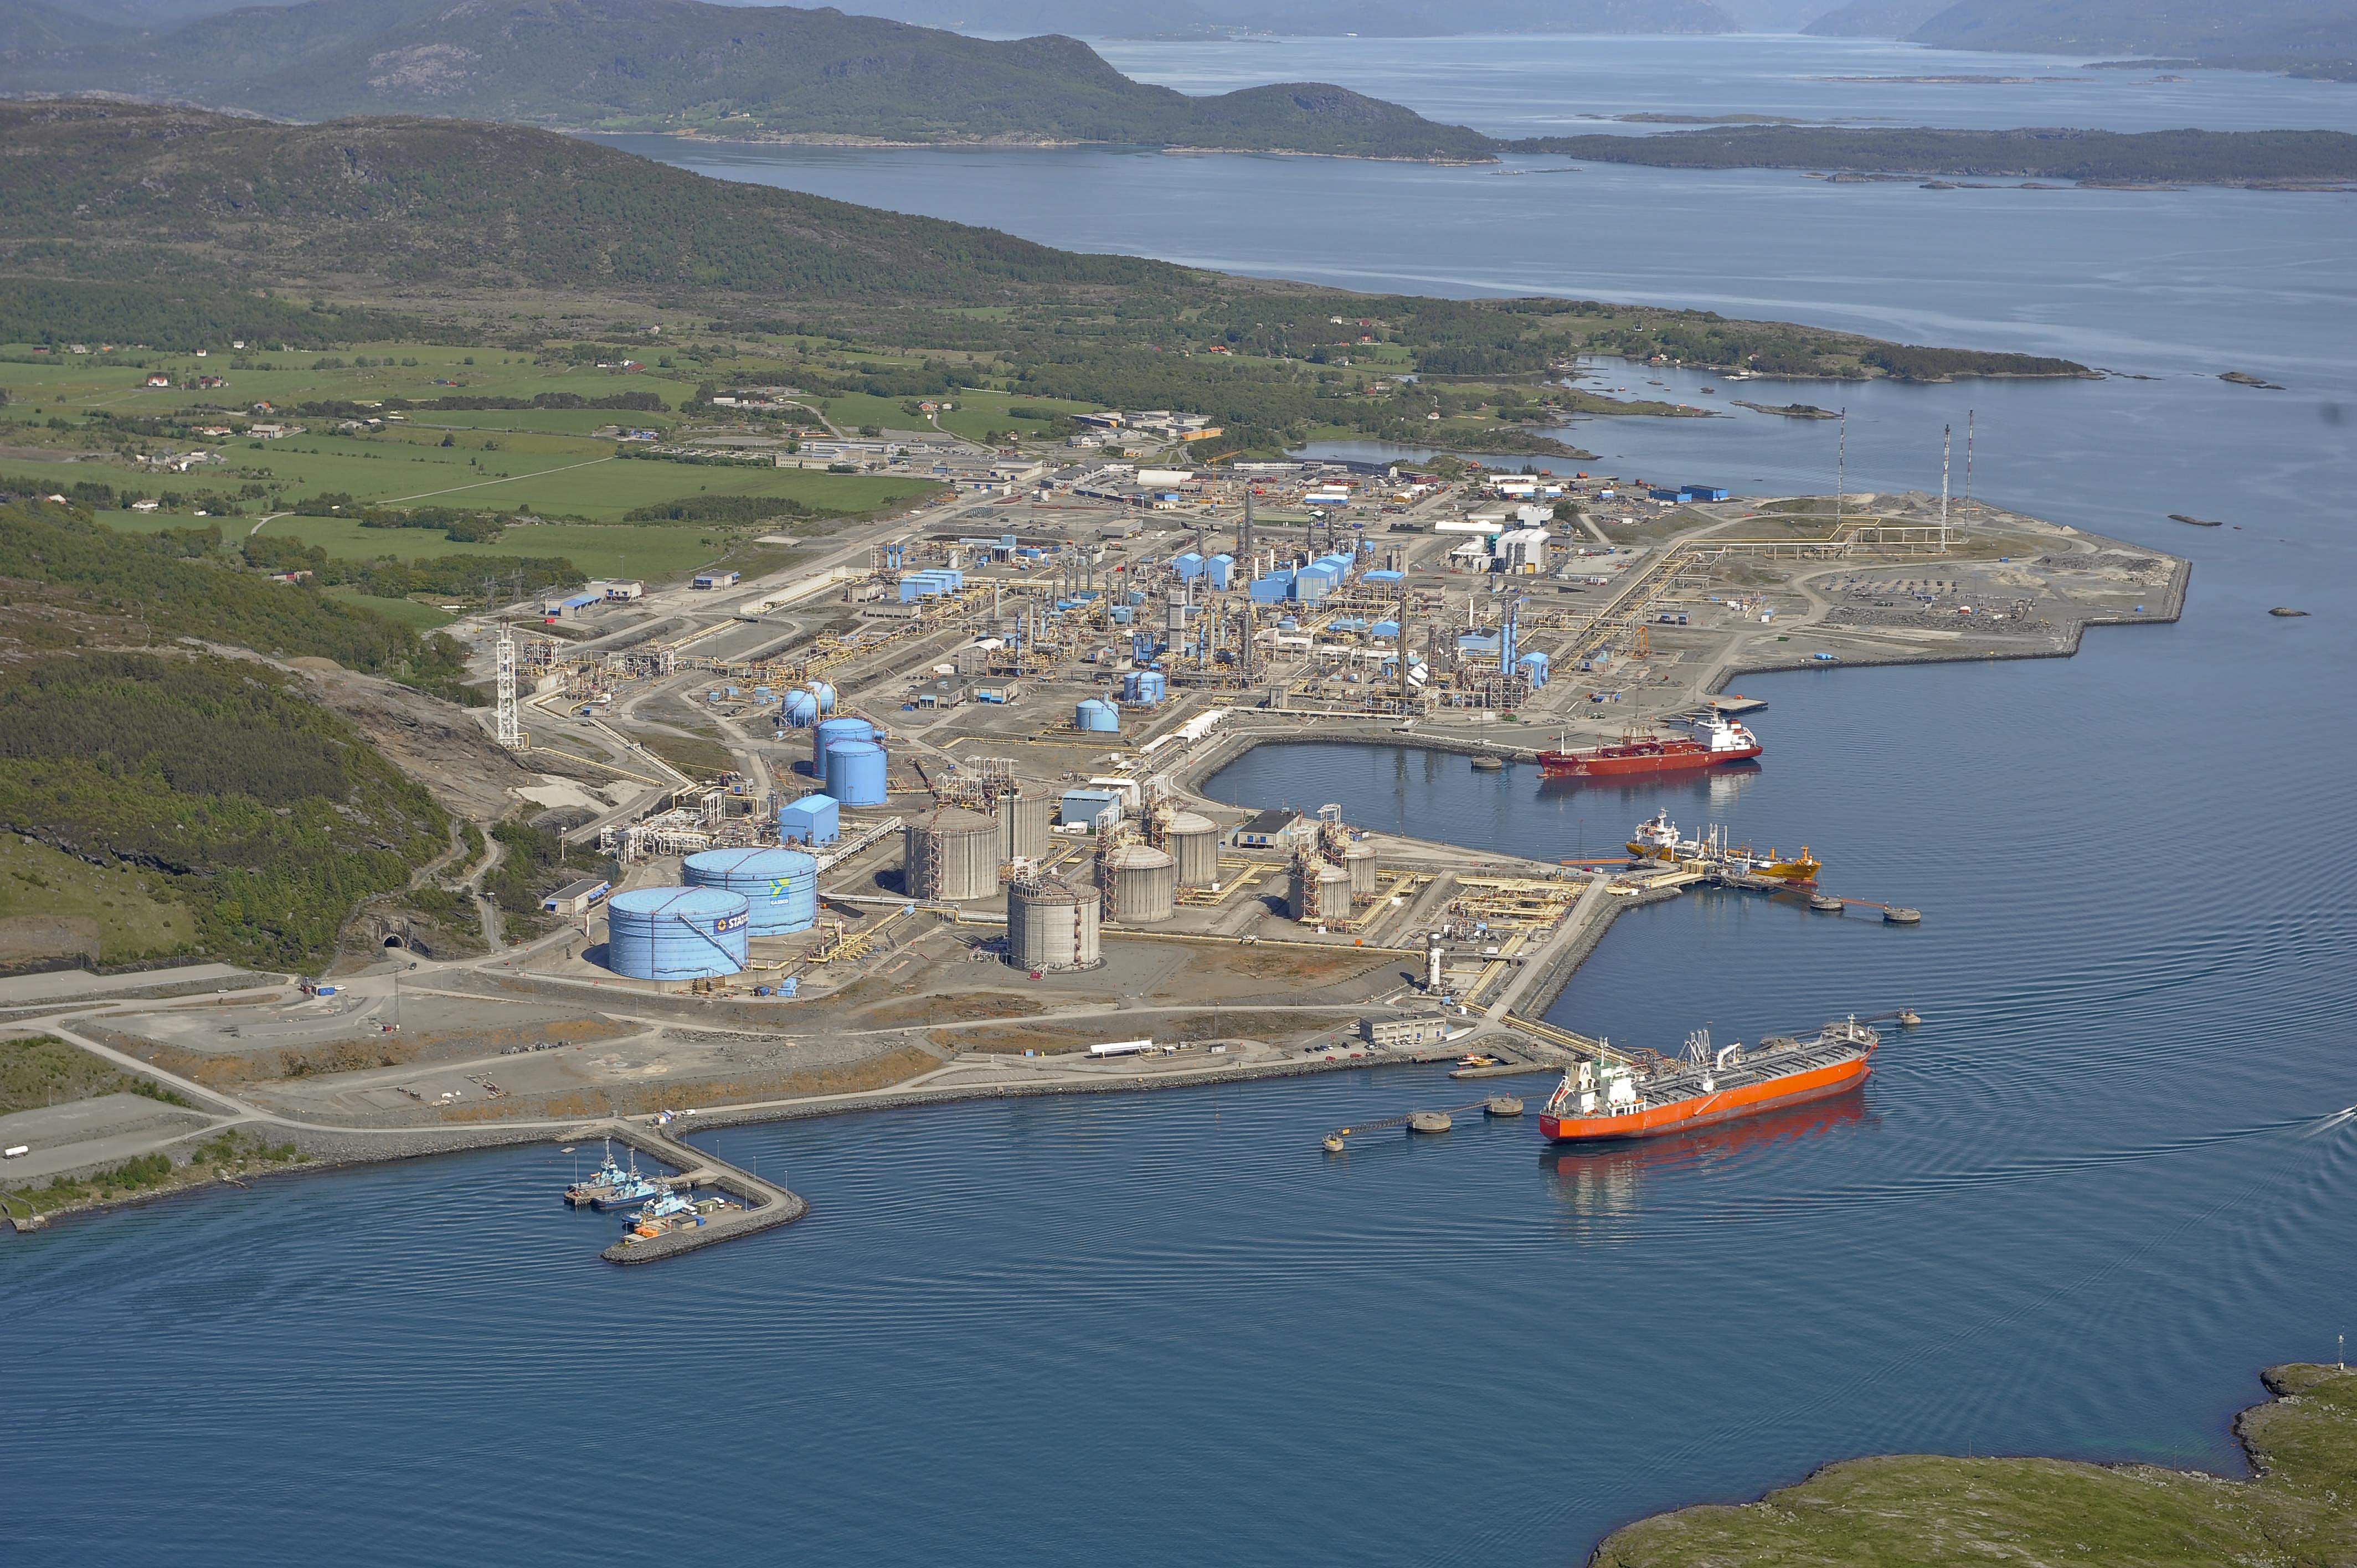 Bilde av gassbehandlings- og kondensatanlegget på Kårstø